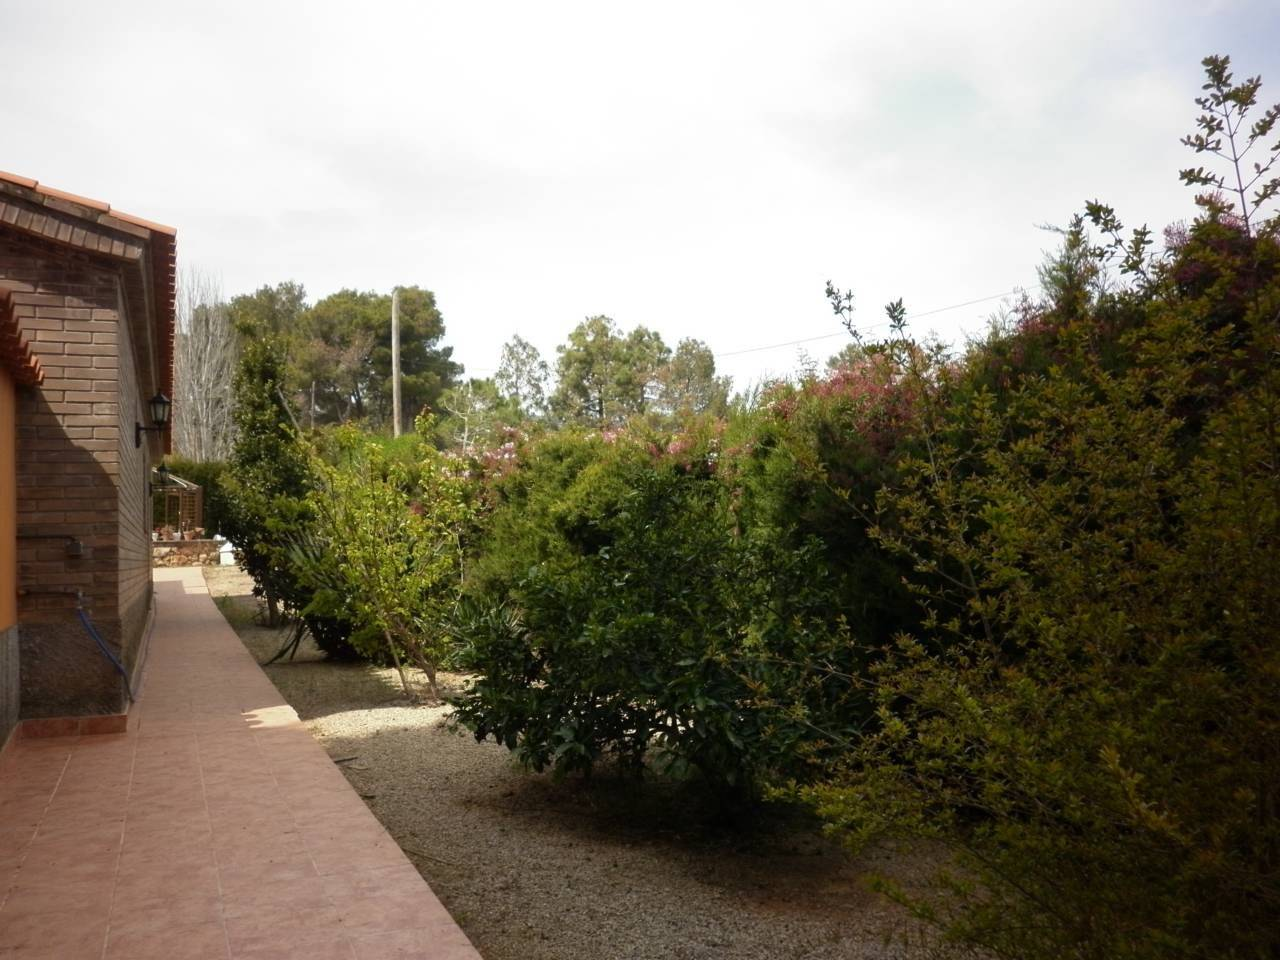 Haus  Calle acasias. Xalet de 400 m2 contruidos y con terreno de  2,500 m2² de solar,